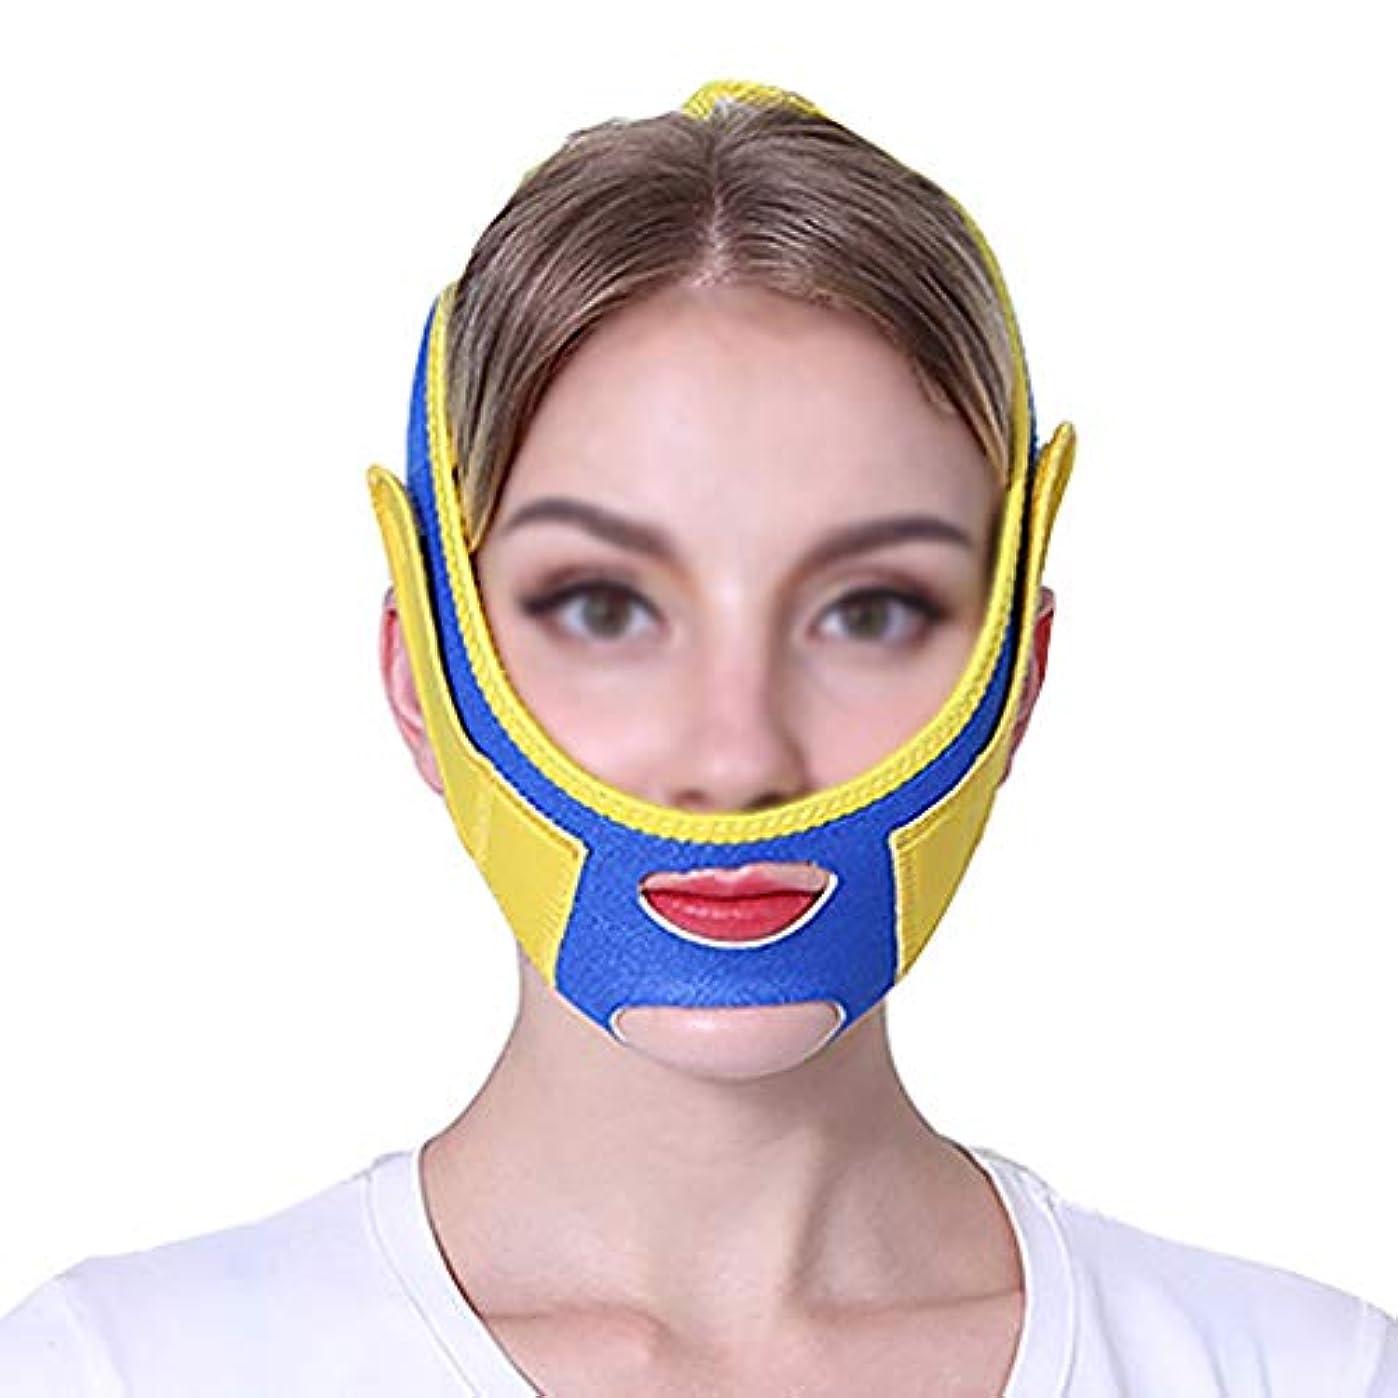 十一ガジュマル送料GLJJQMY ファーミングマスクスモールvフェイスアーティファクトリフティングマスクフェイスリフティングフェイスリフティングマスクファーミングクリームフェイシャルリフティング包帯 顔用整形マスク